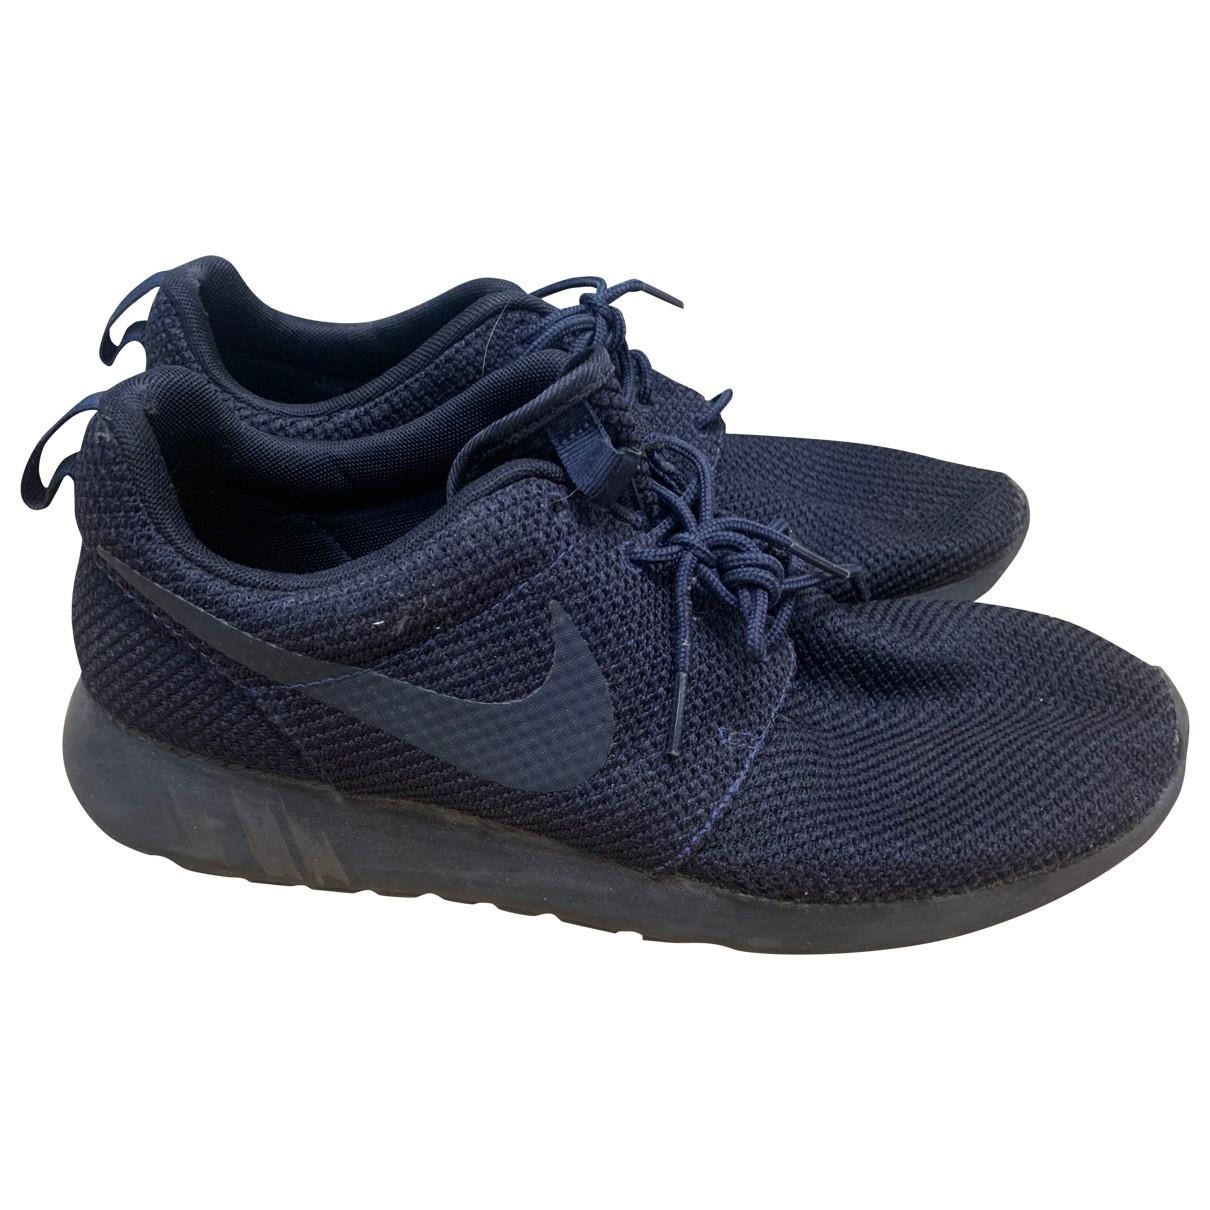 Nike - Baskets Roshe Run pour homme en toile - marine